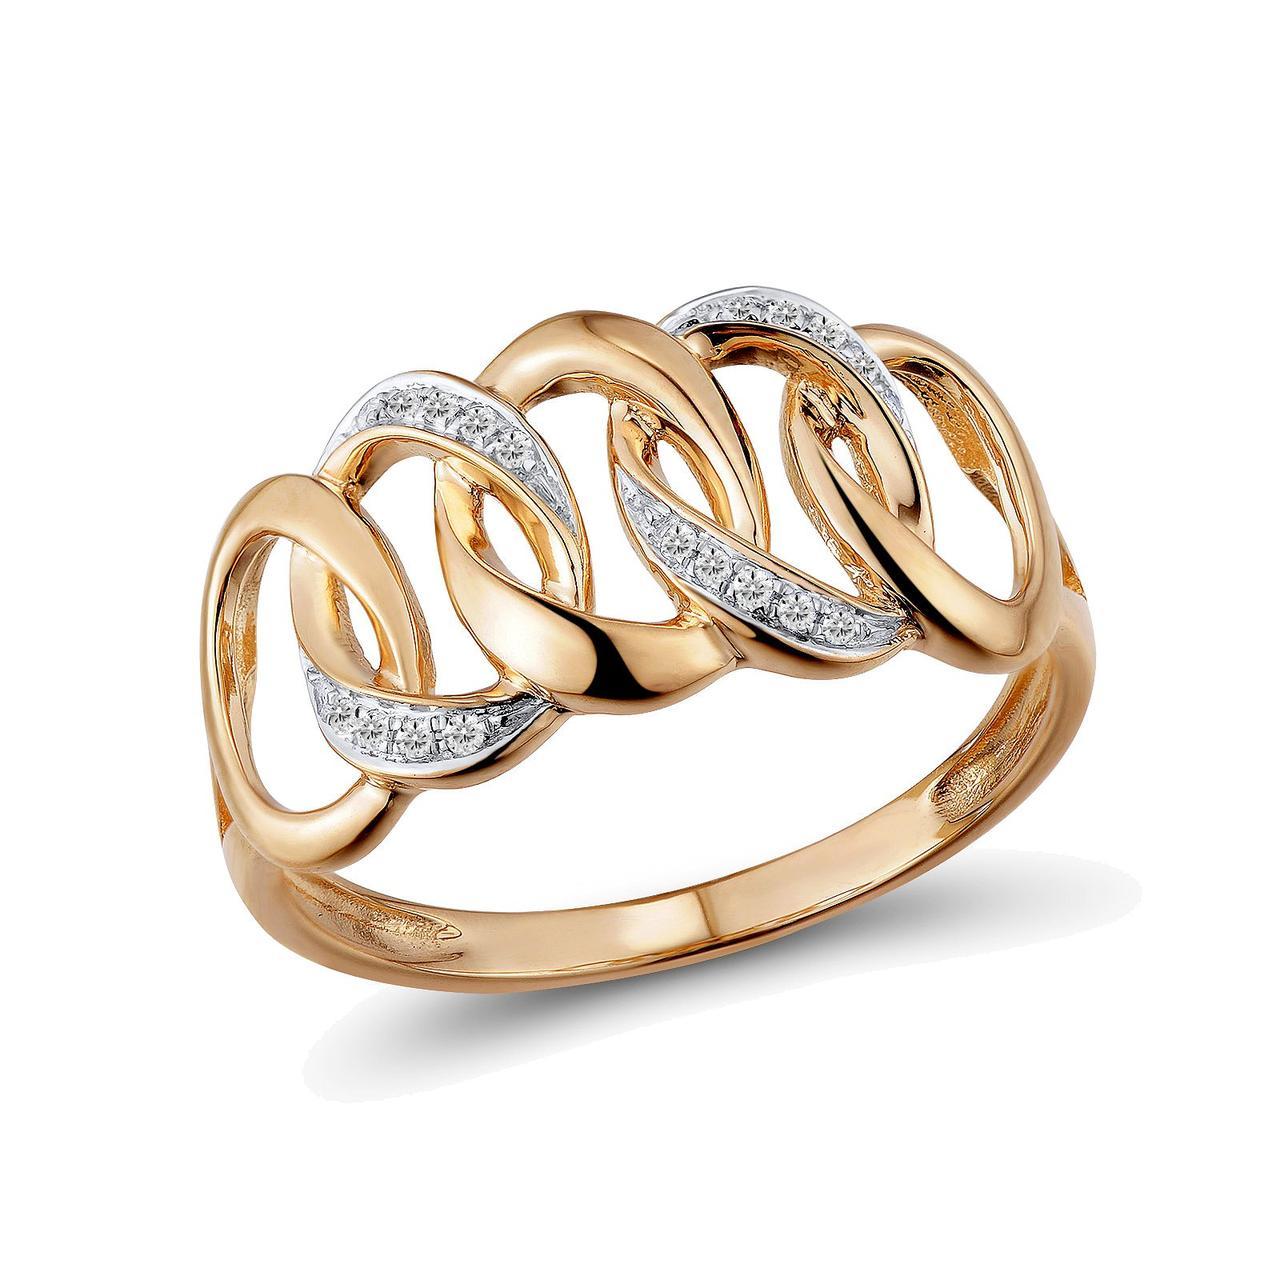 Золотое кольцо с бриллиантами, размер 16 (1624702)